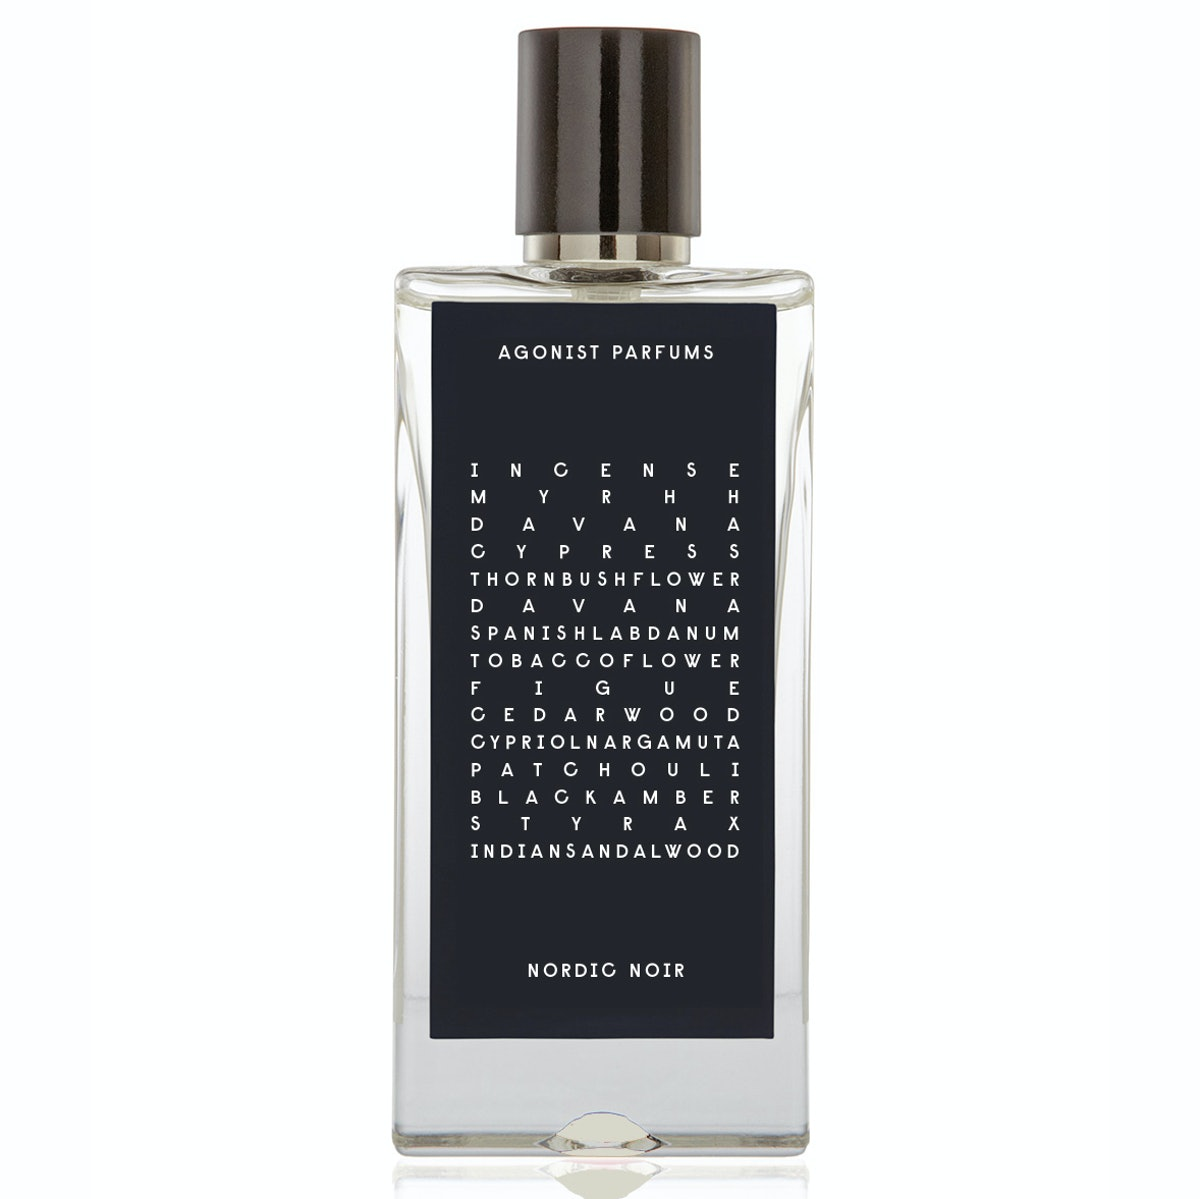 Agonist Parfums Nordic Noir